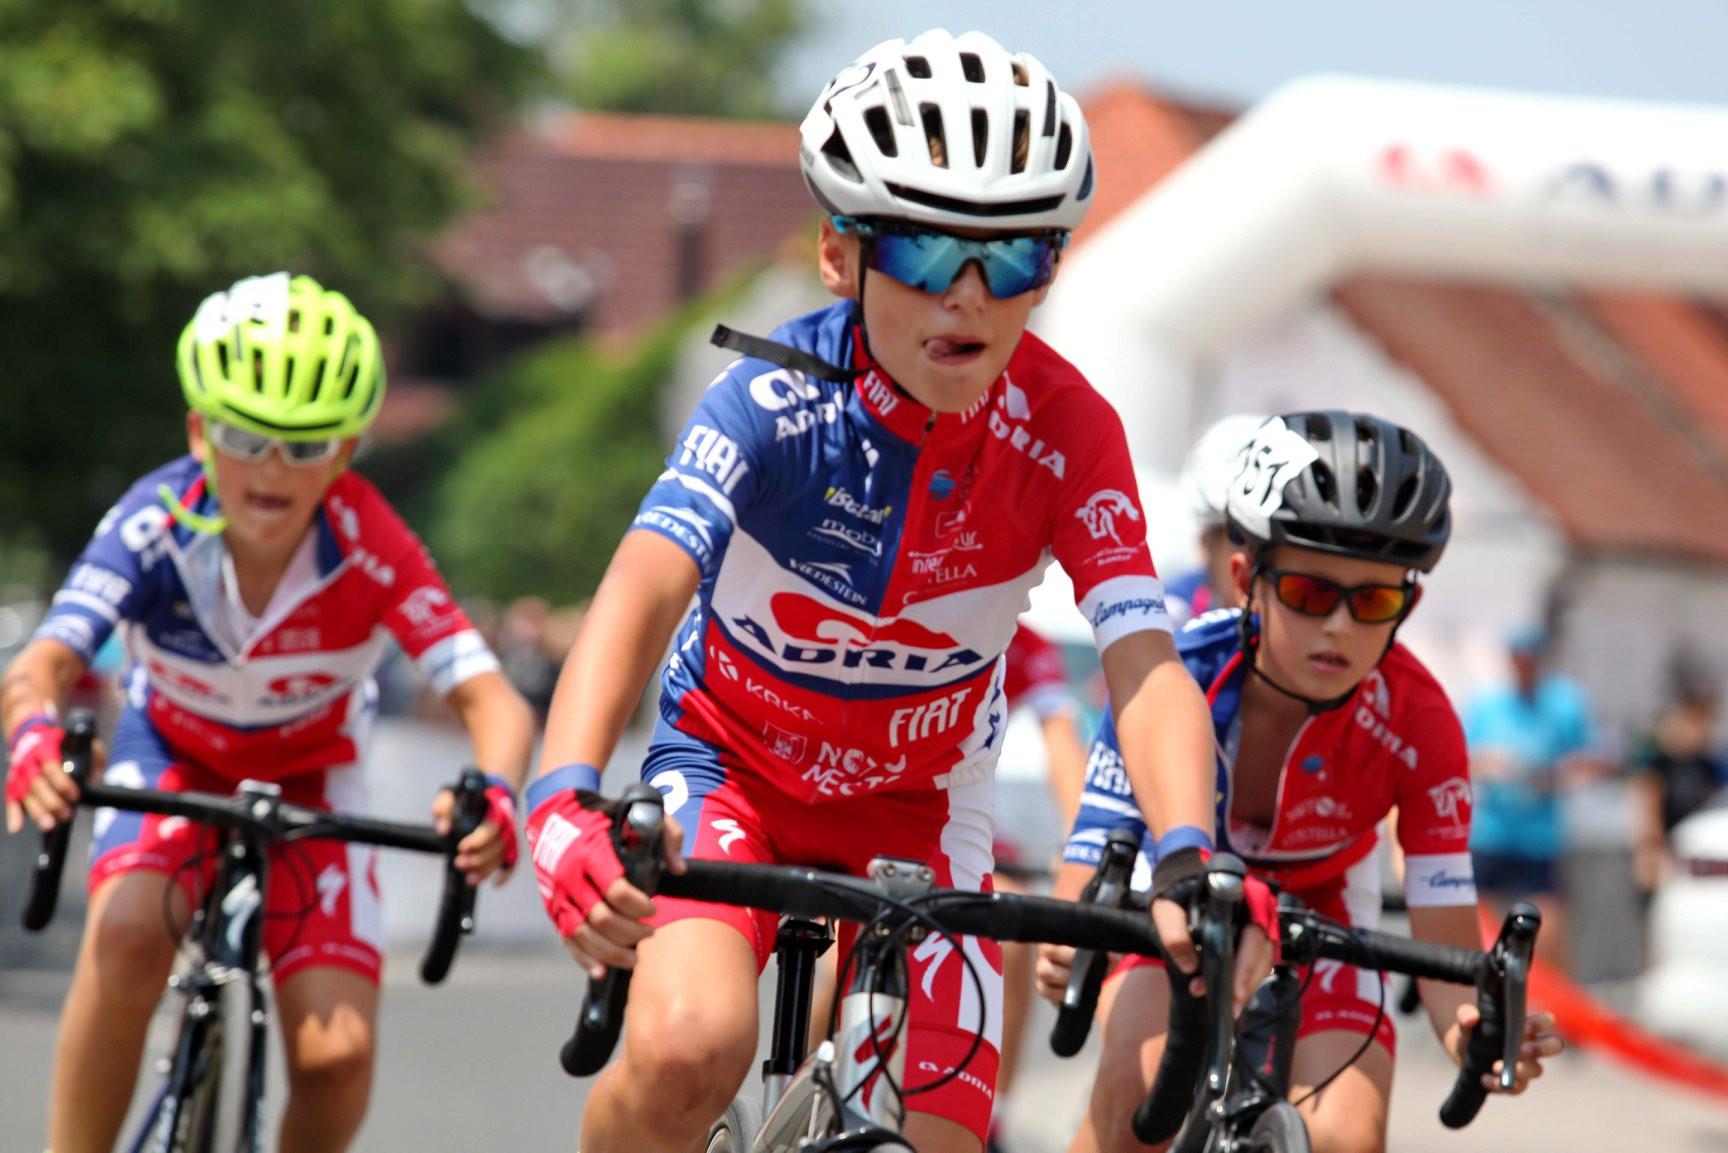 Pred nami je Kids Tour of Slovenia